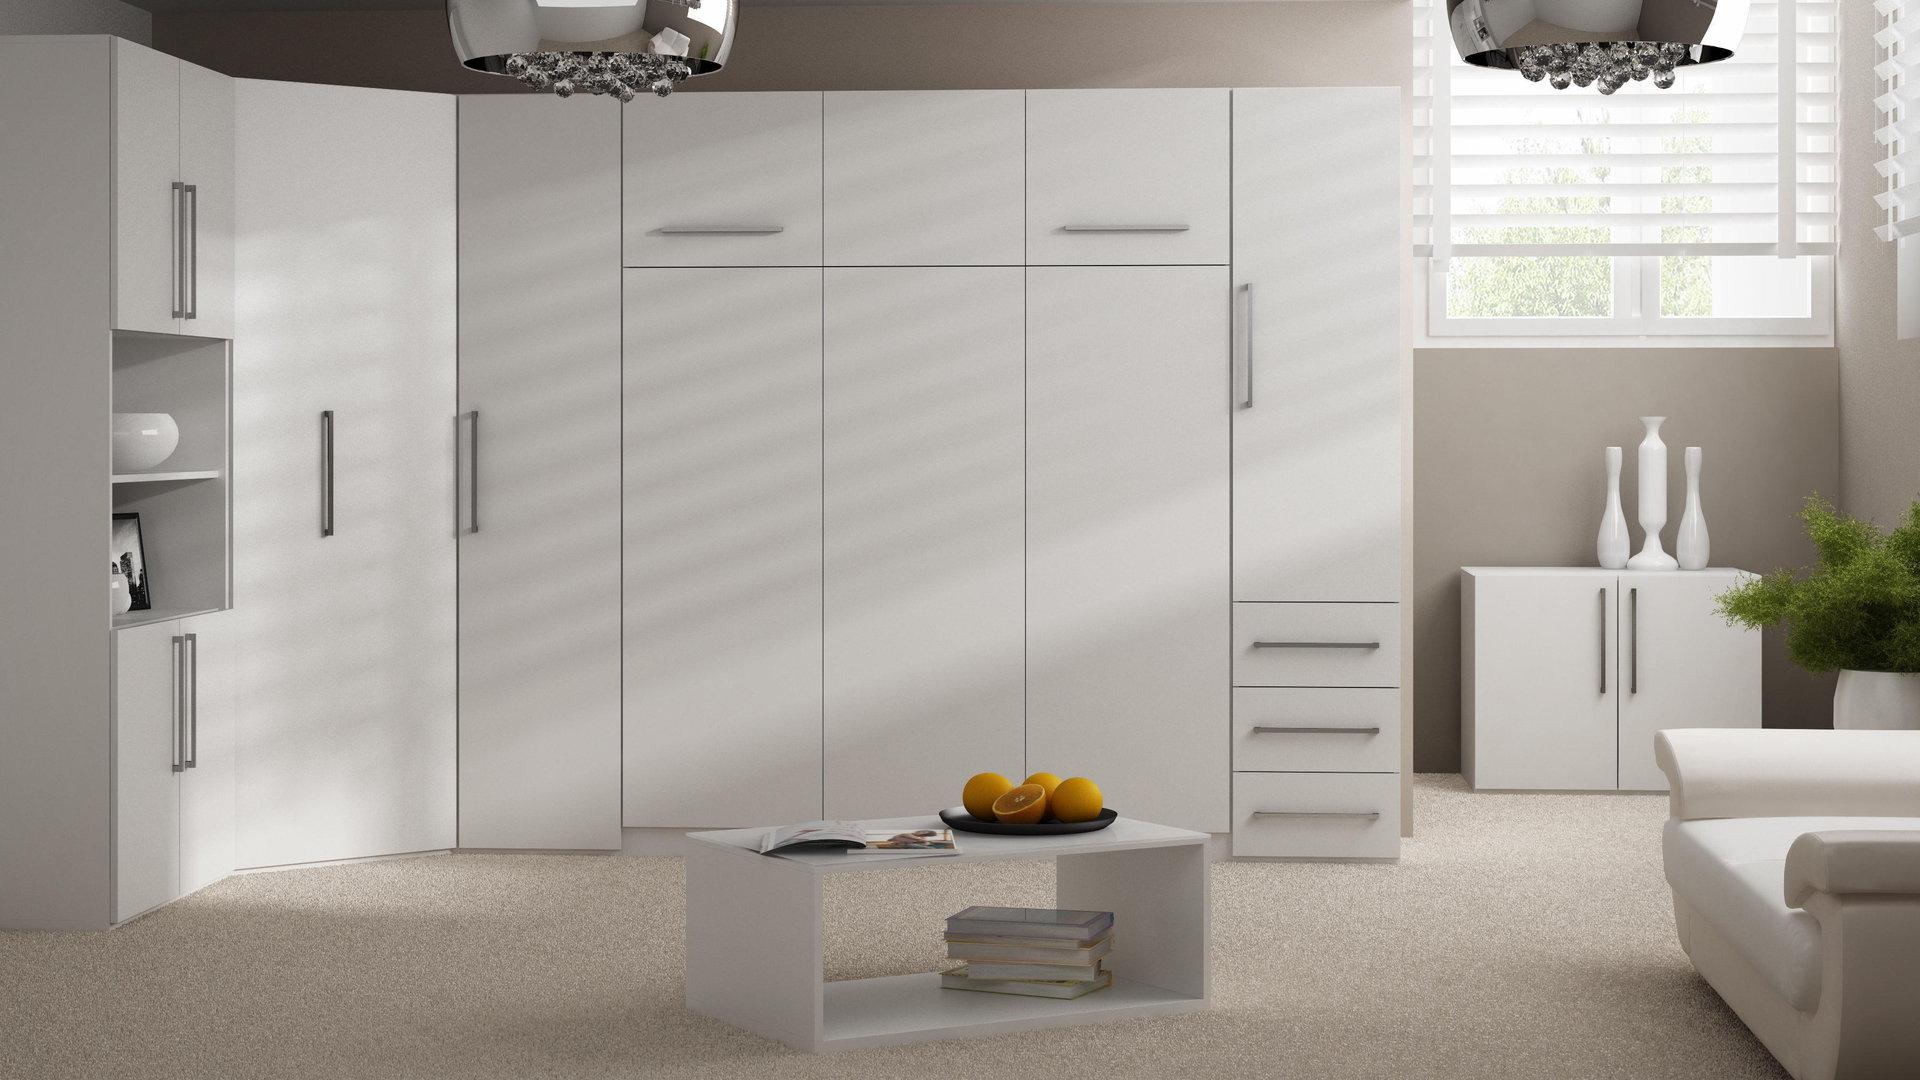 modul kleiderschrank m a1 50 f r alle wandbetten m glich. Black Bedroom Furniture Sets. Home Design Ideas